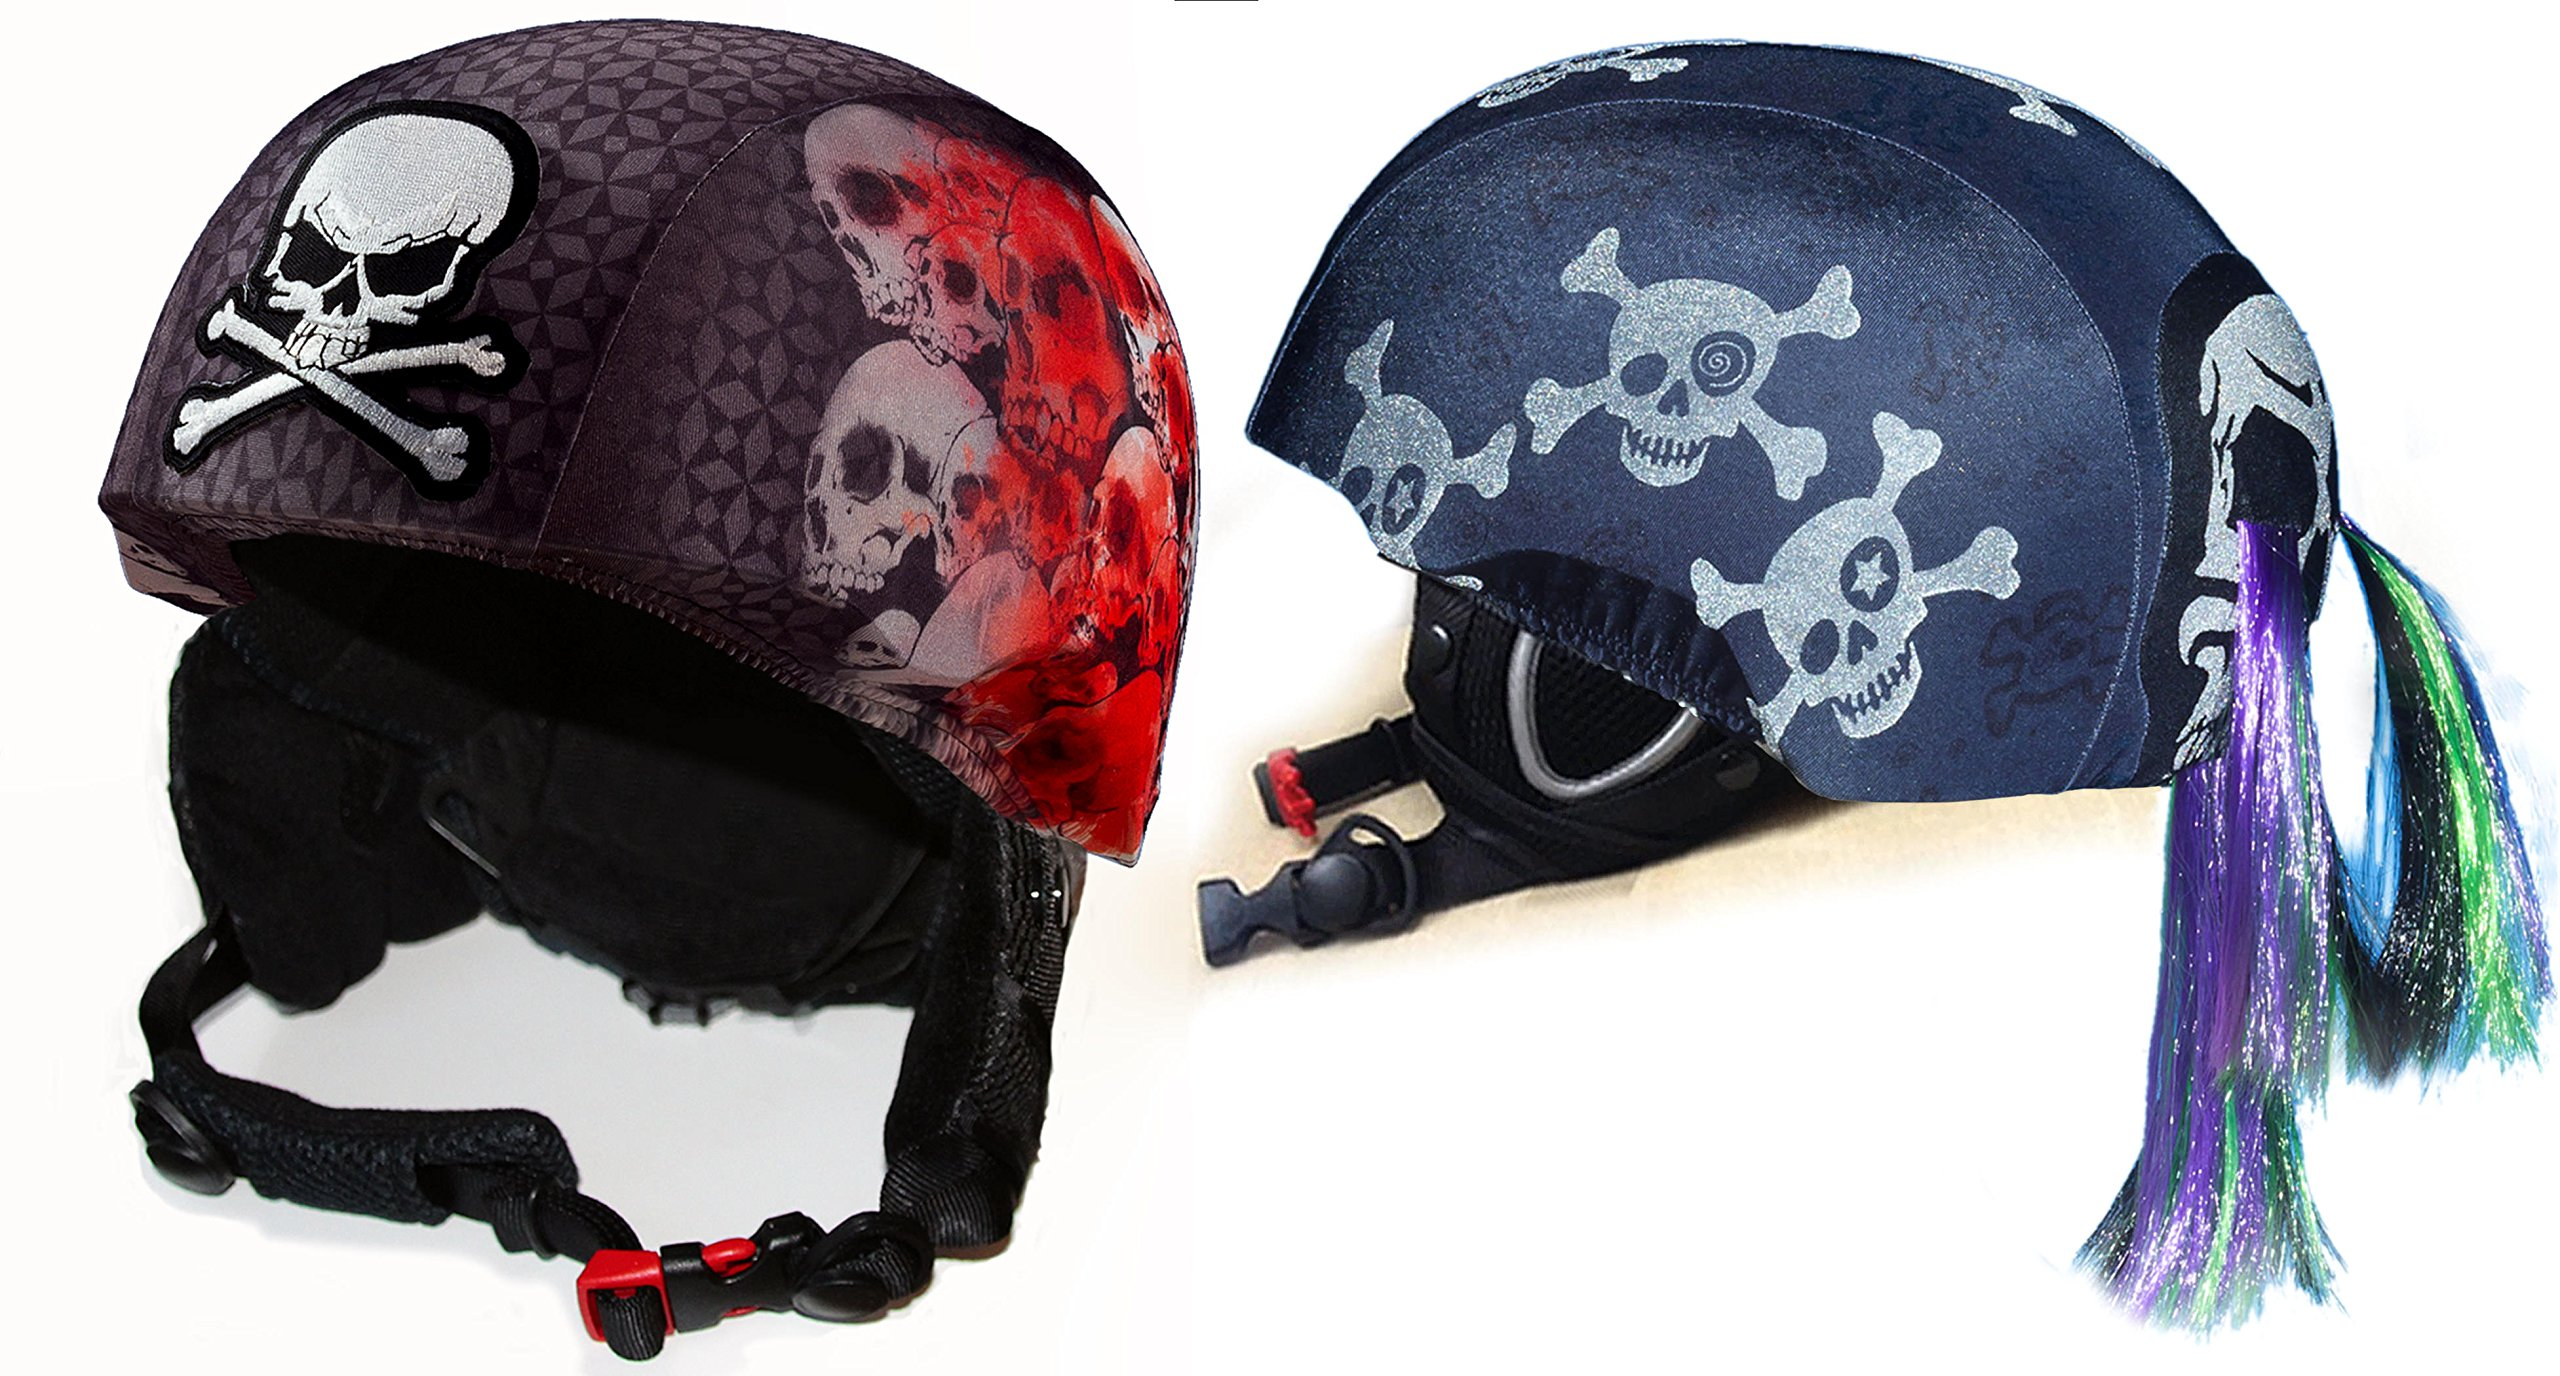 Fun Helmet Cover bundle Screaming Skulls And Skullz N' Bones